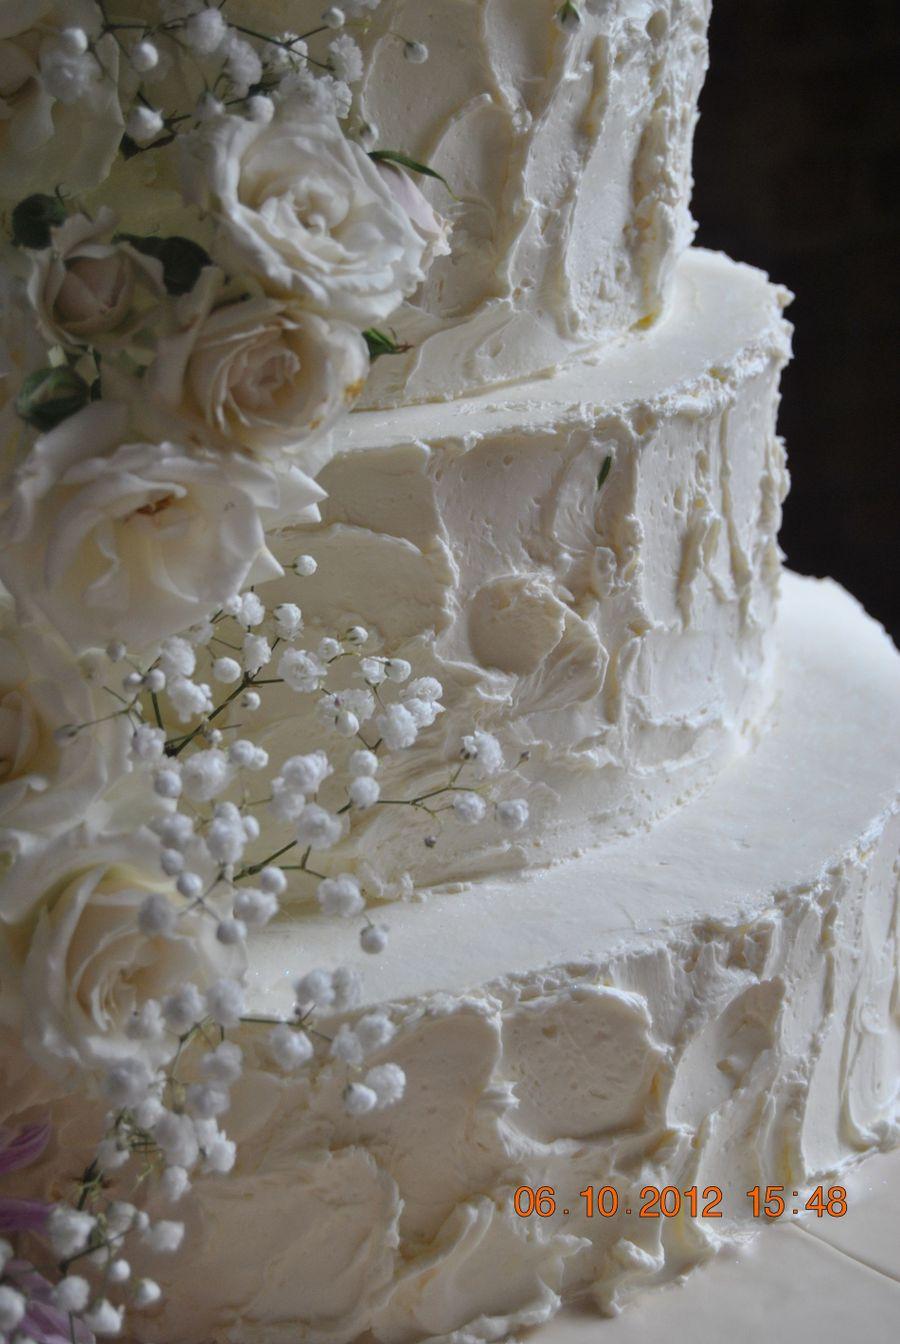 Shabby Chic Wedding Cake - CakeCentral.com